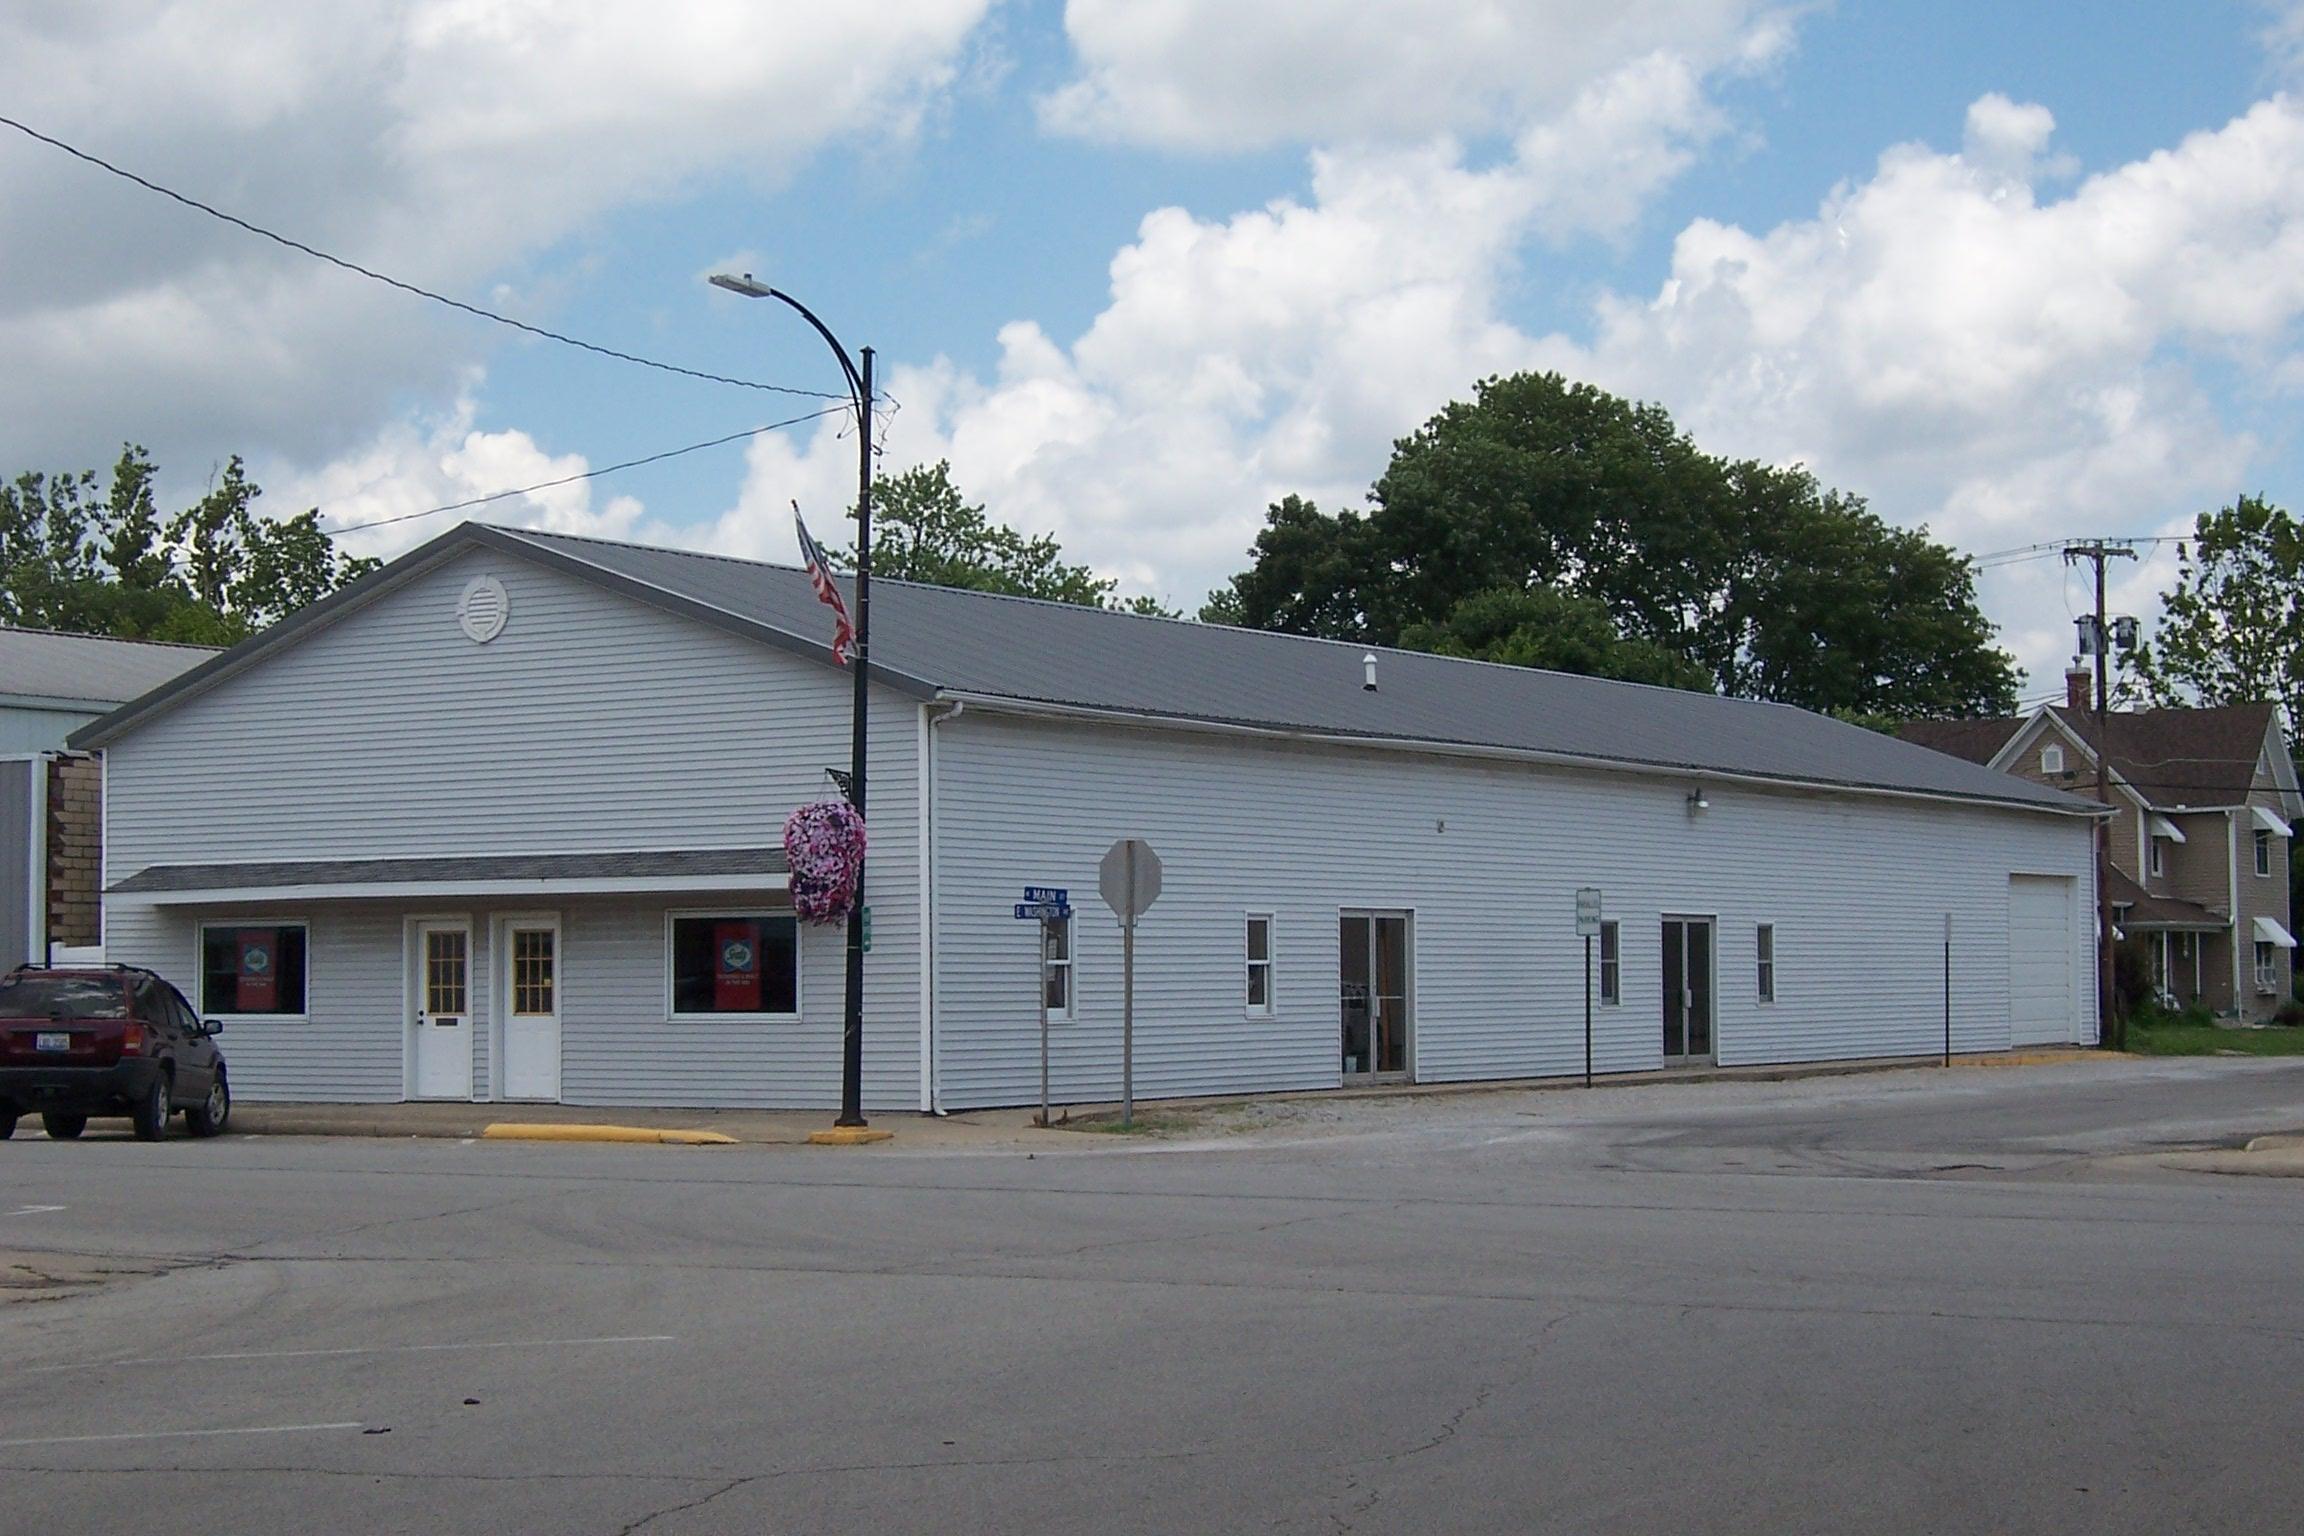 103 N. Main St., Altamont, Illinois 62411